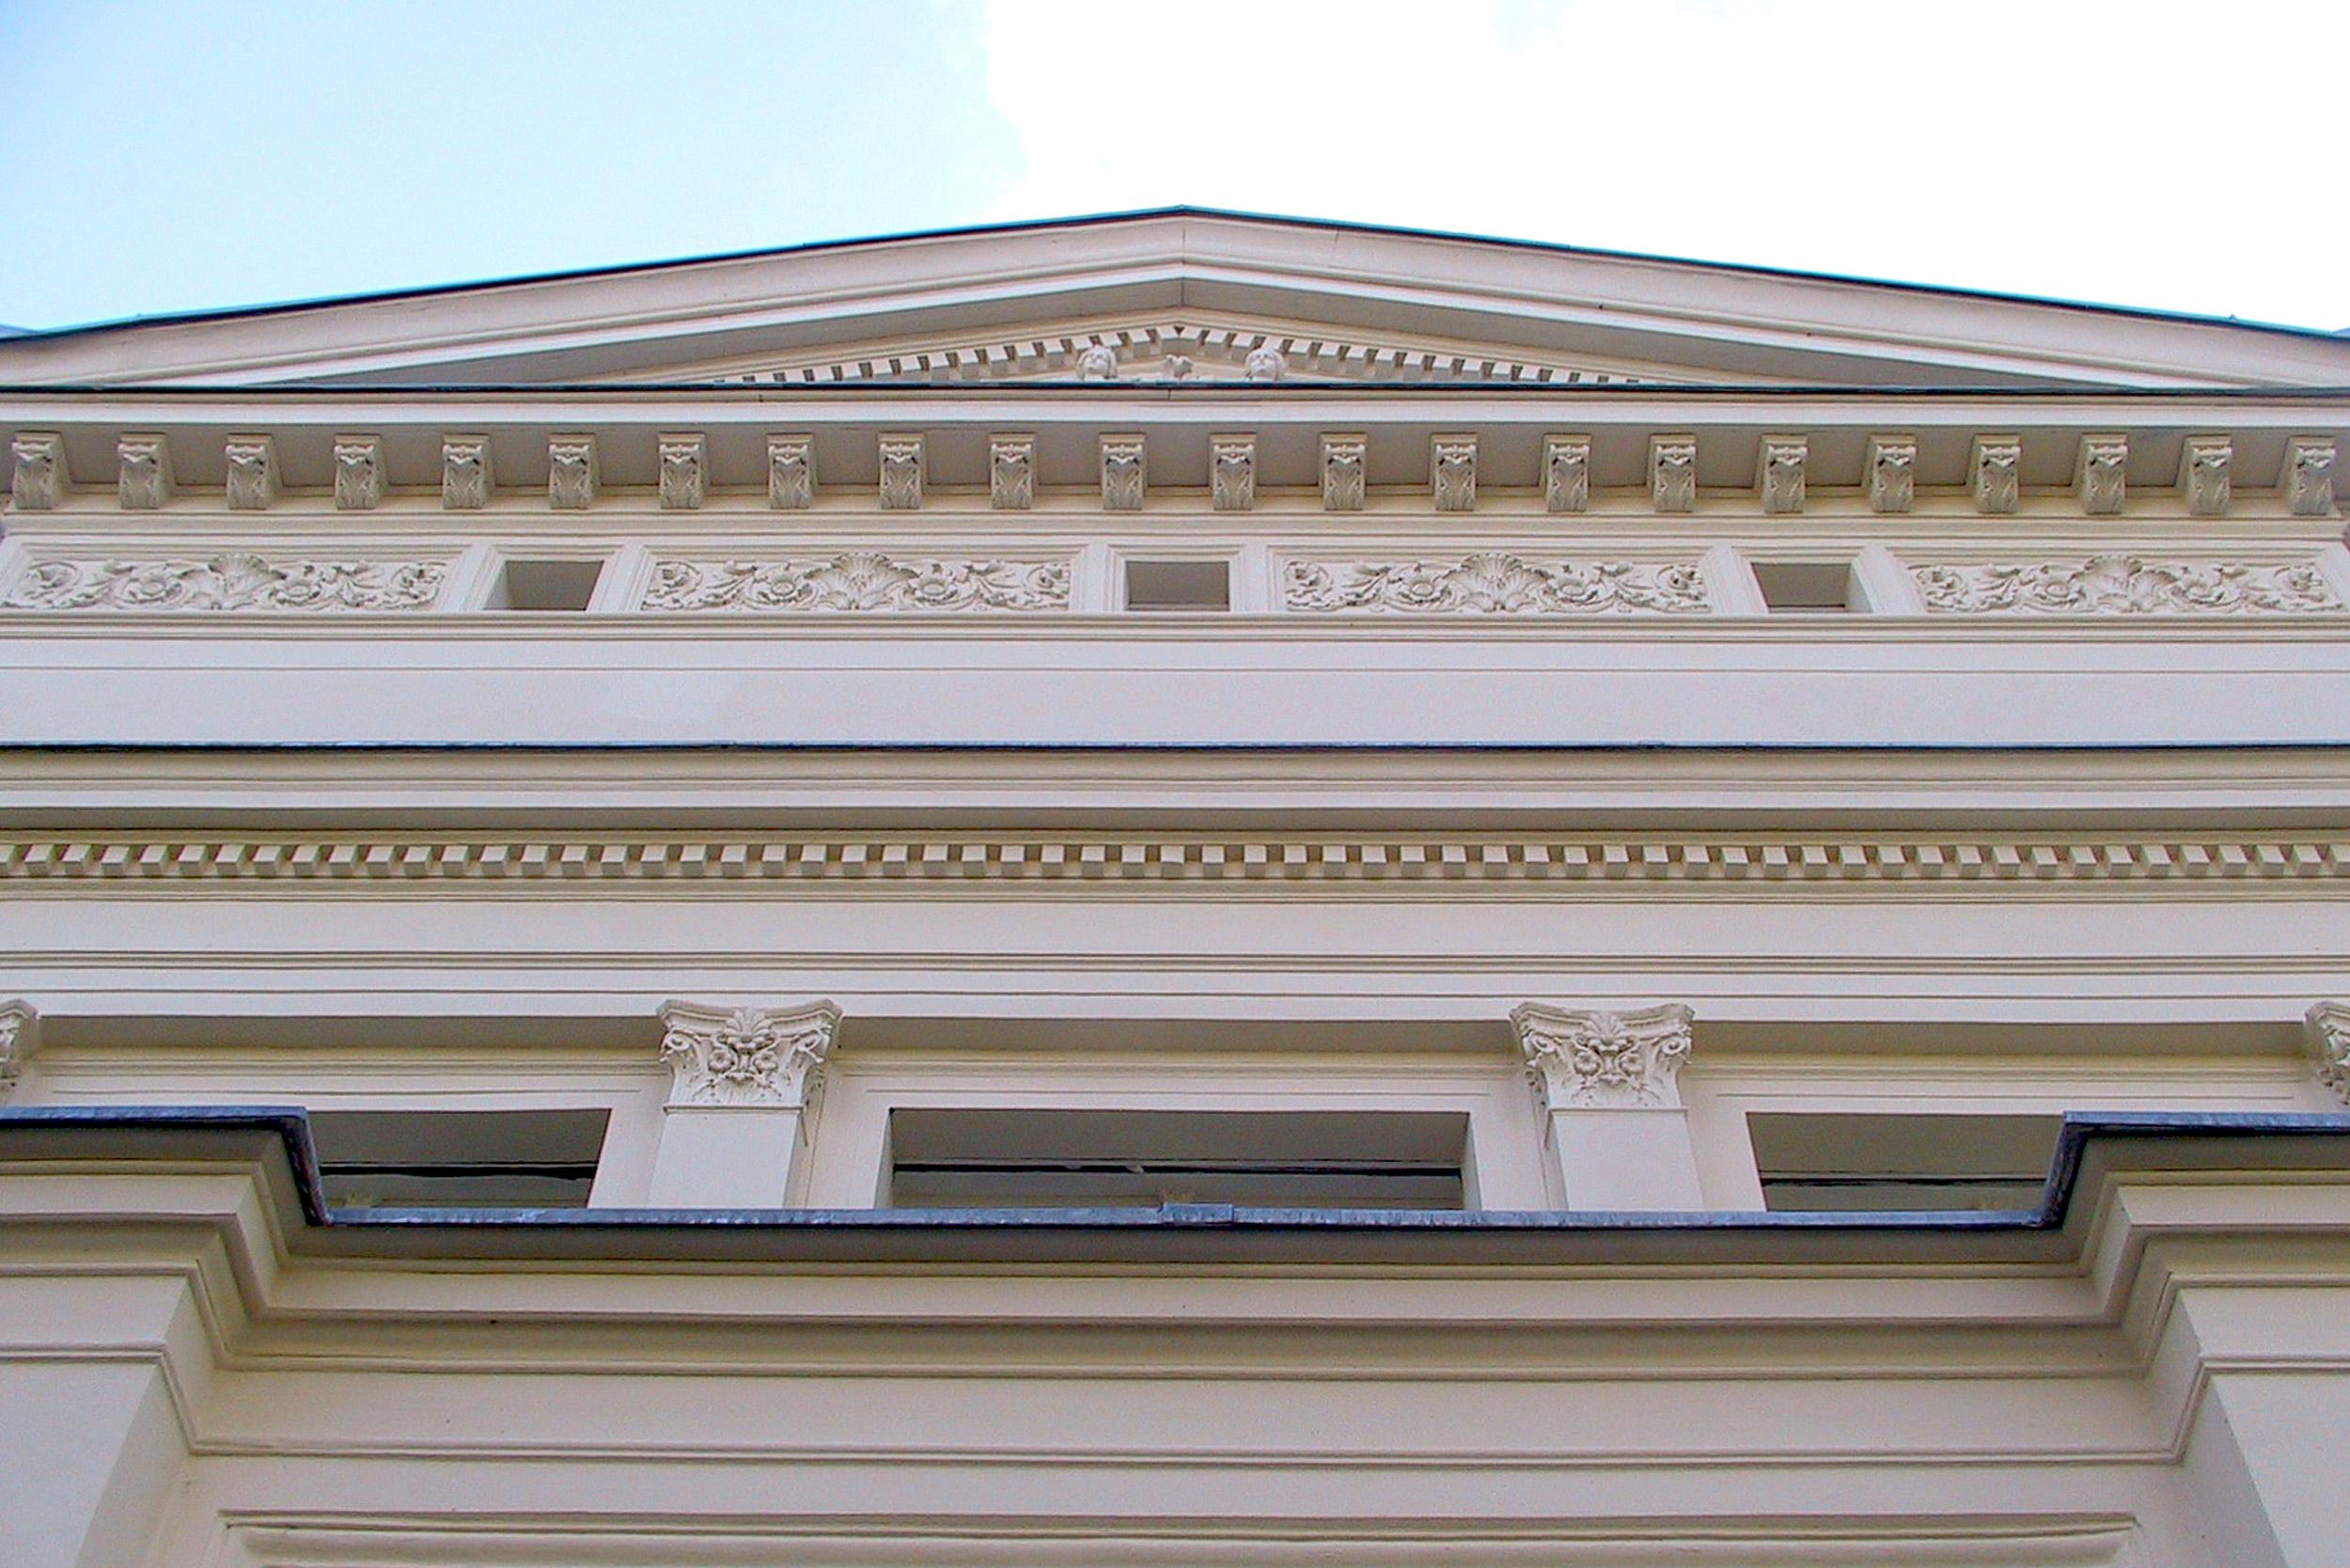 Das Giebeldreieck der Hauptfassade in klassizistischer Tradition mit Zahnfriesreihen und Gesimsbändern.